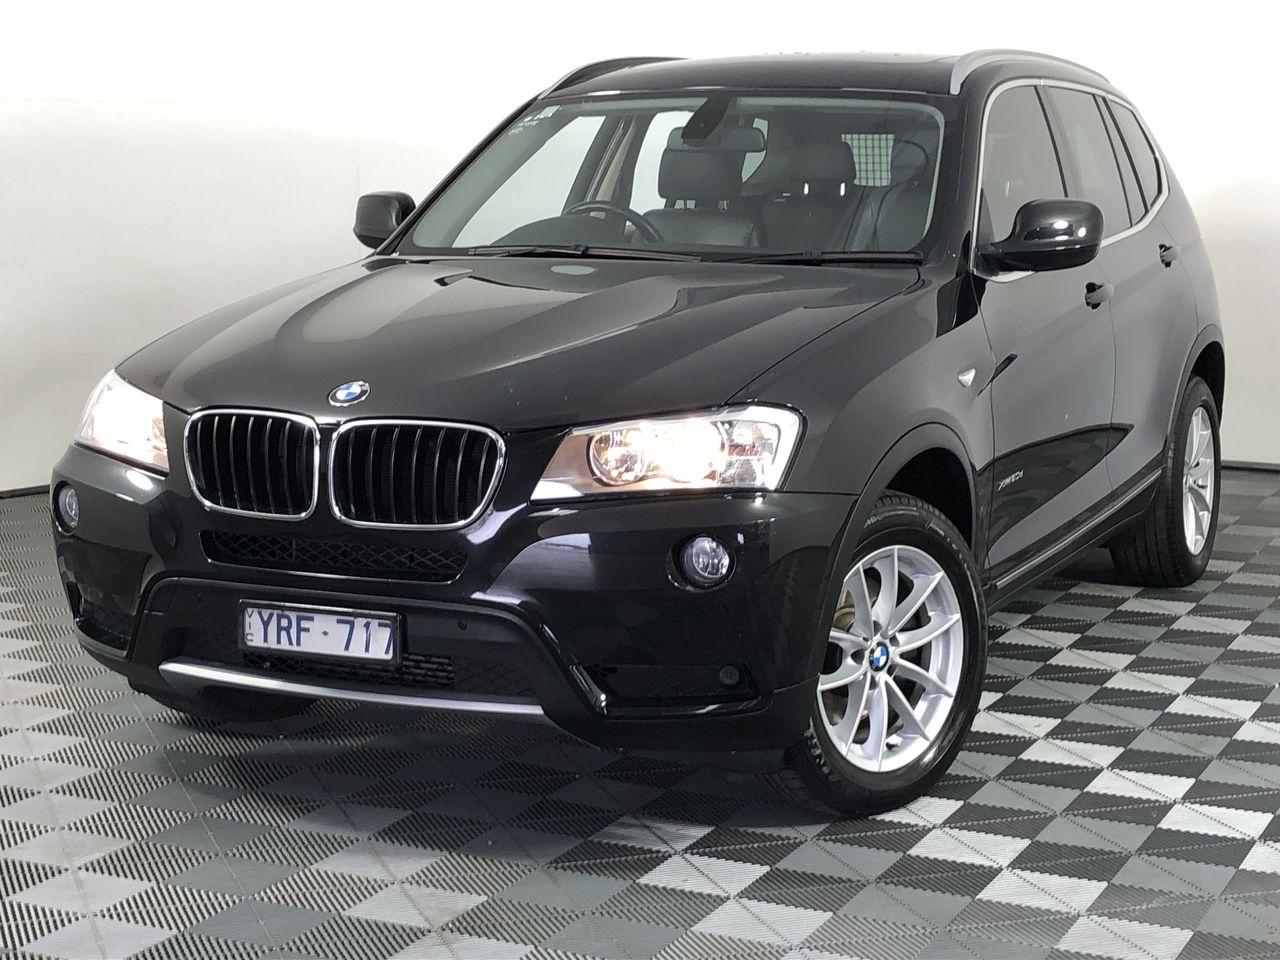 2011 BMW X3 xDrive 20d F25 Turbo Diesel Automatic - 8 Speed Wagon